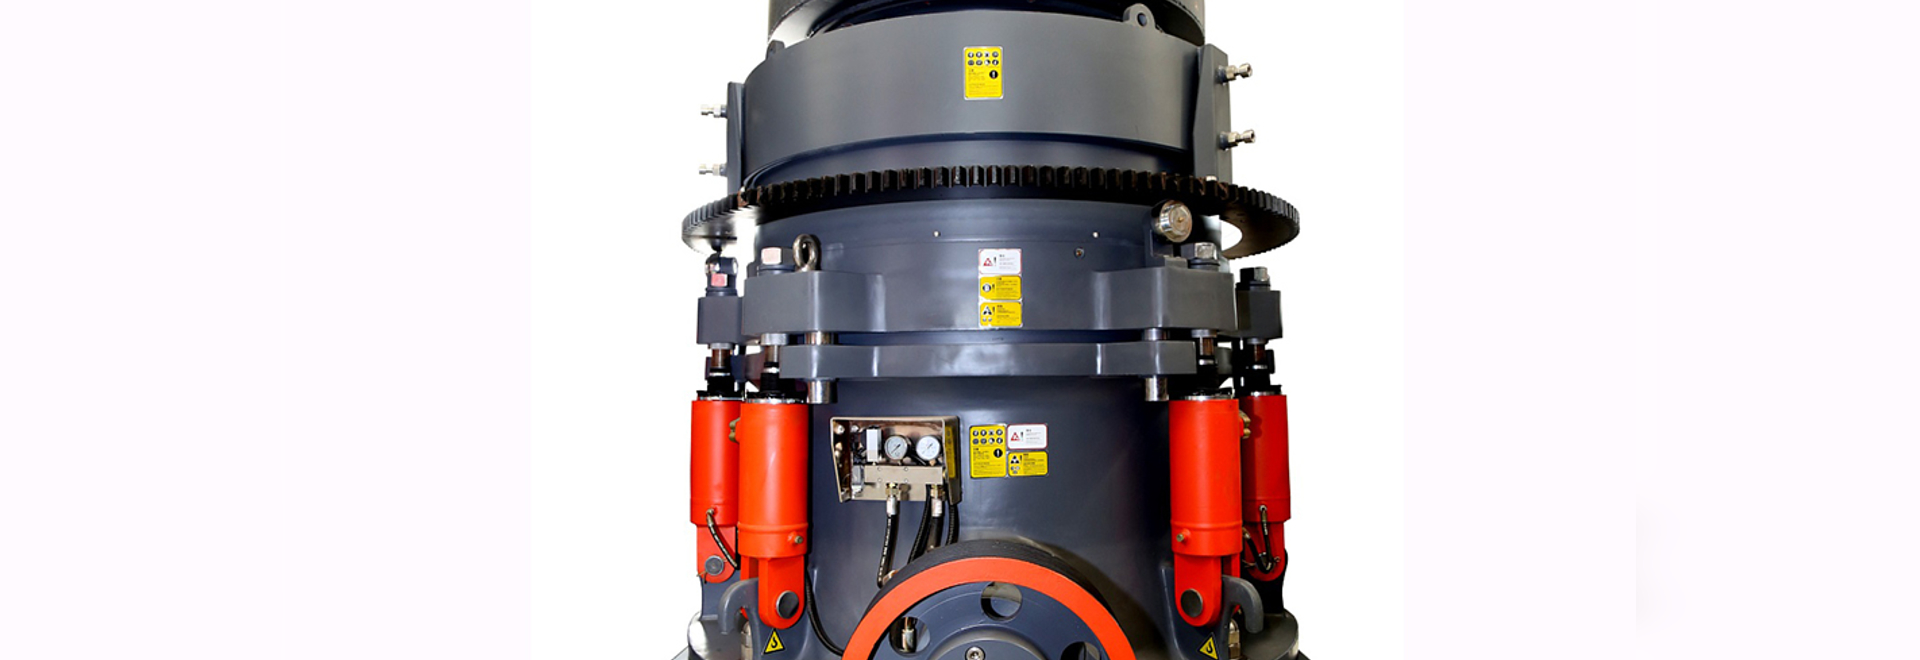 HPT Mehrzylindriger hydraulischer Kegelbrecher mit mehreren Zylindern